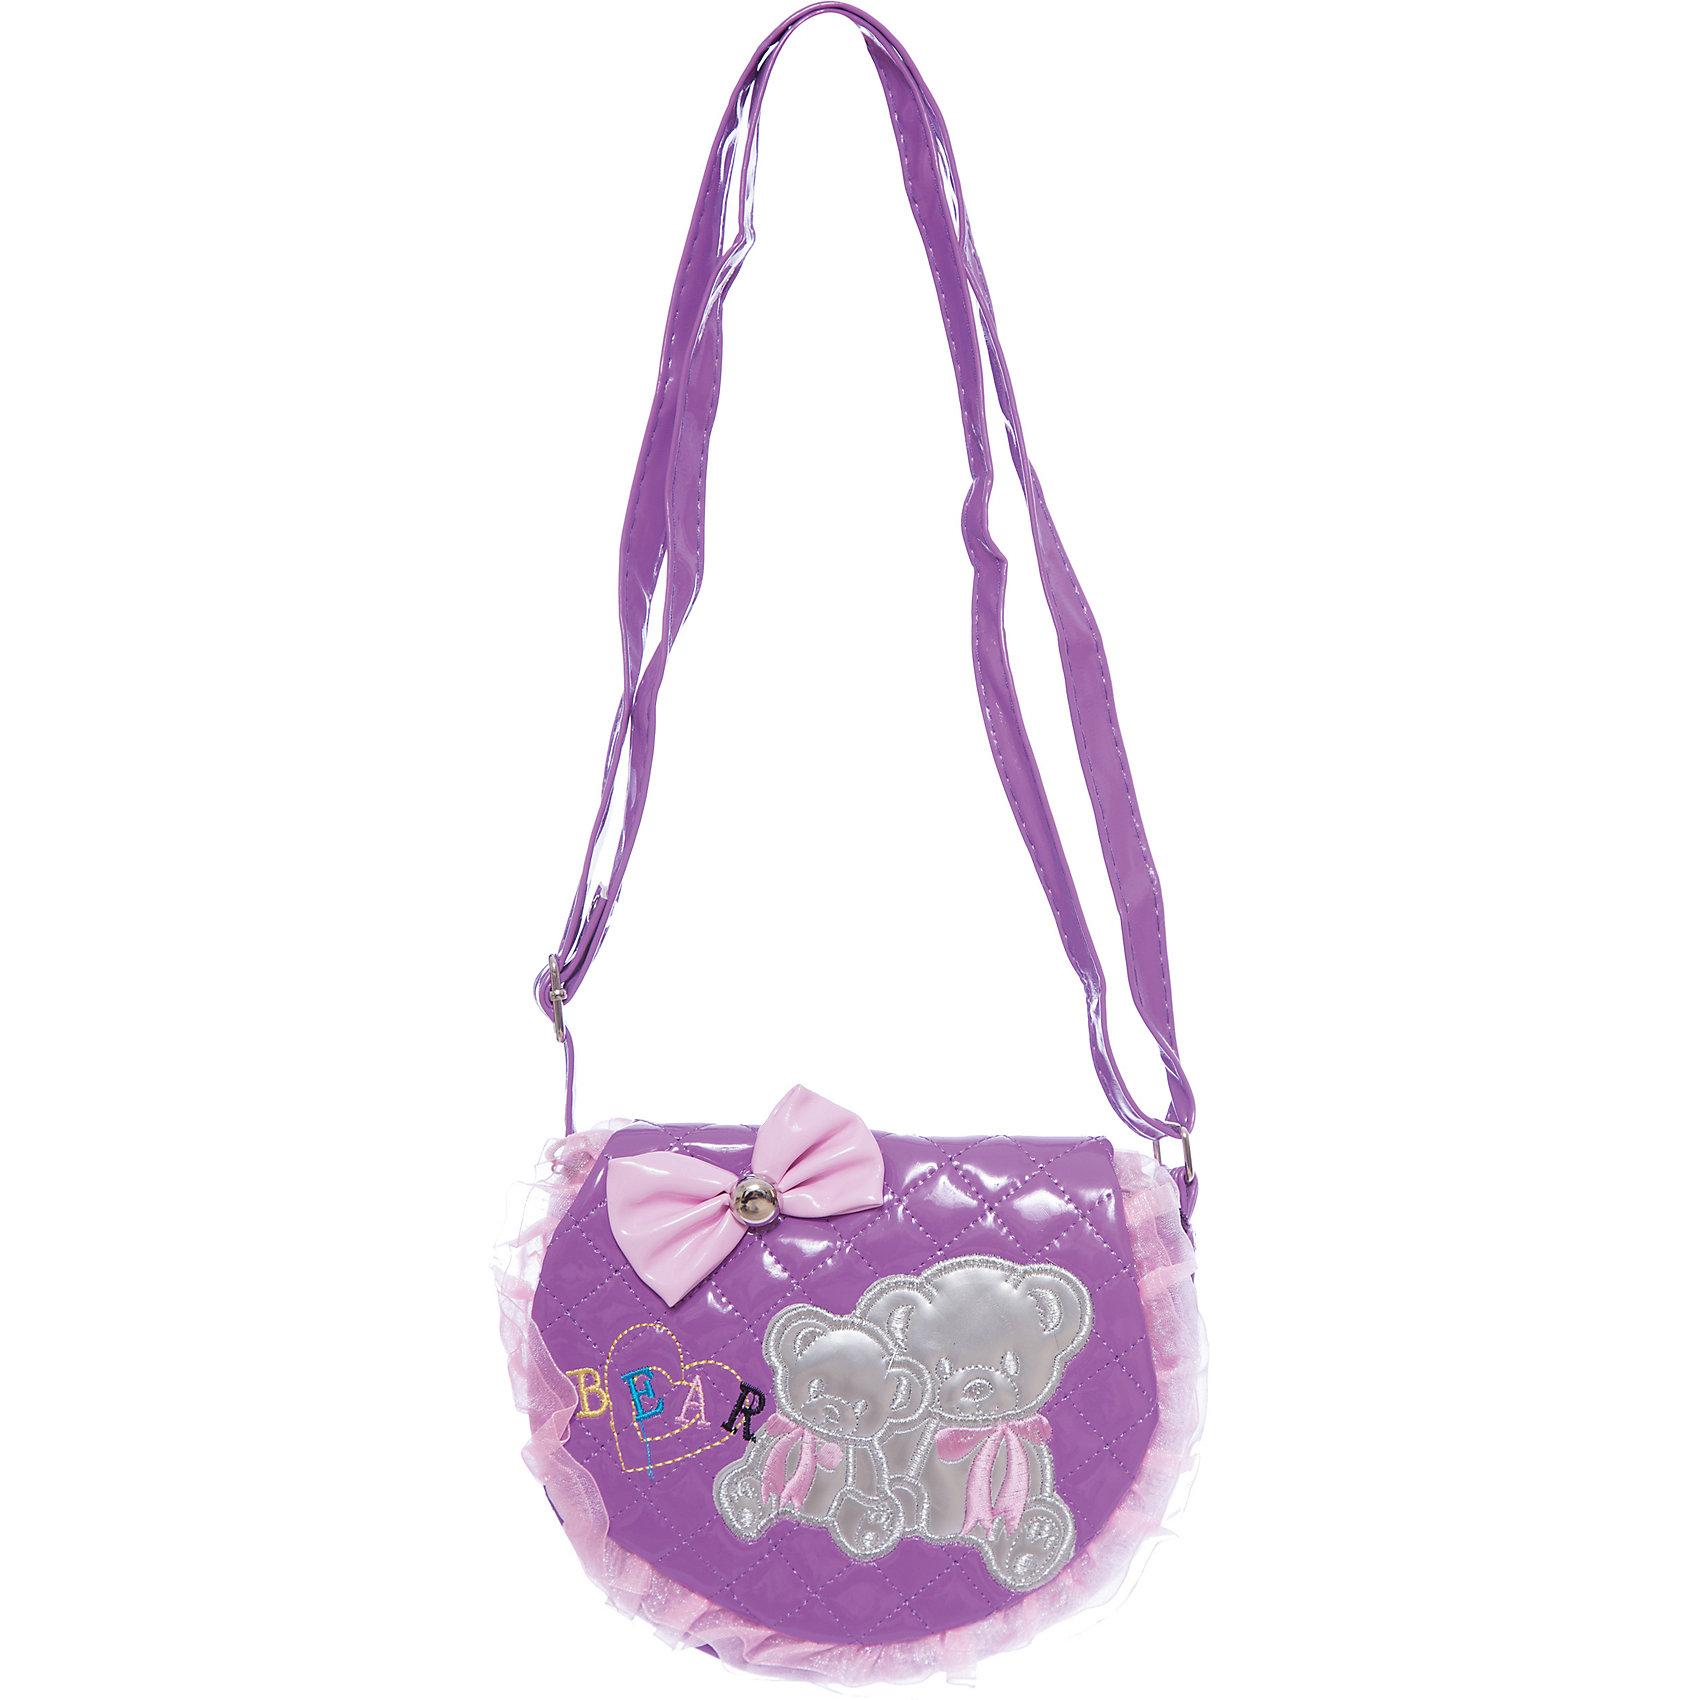 Сумочка Мишки на плечо, 20*16 см., сиреневаяДетские сумки<br>Сумочка Мишки на плечо, 20*16 см., сиреневая, Shantou Gepai (Шанту Гепаи)<br><br>Характеристики:<br><br>• длинная лямка<br>• стильный дизайн<br>• материал: текстиль<br>• цвет: сиреневый<br>• размер: 20х16 см<br>• размер упаковки: 20х16х4 см<br>• вес: 119 грамм<br><br>Маленькая стильная сумочка Мишки создана специально для юных принцесс! Девочка сможет хранить в ней свою косметику, зеркальце, заколки и другие аксессуары. Сумочка выполнена в розовых тонах, декорирована оборками, бантом и принтом с медвежатами. Удобные лямки позволяют расположить сумочку на плече.<br><br>Сумочку Мишки на плечо, 20*16 см., сиреневая, Shantou Gepai (Шанту Гепаи)можно купить в нашем интернет-магазине.<br><br>Ширина мм: 180<br>Глубина мм: 170<br>Высота мм: 300<br>Вес г: 119<br>Возраст от месяцев: 36<br>Возраст до месяцев: 2147483647<br>Пол: Женский<br>Возраст: Детский<br>SKU: 5508569